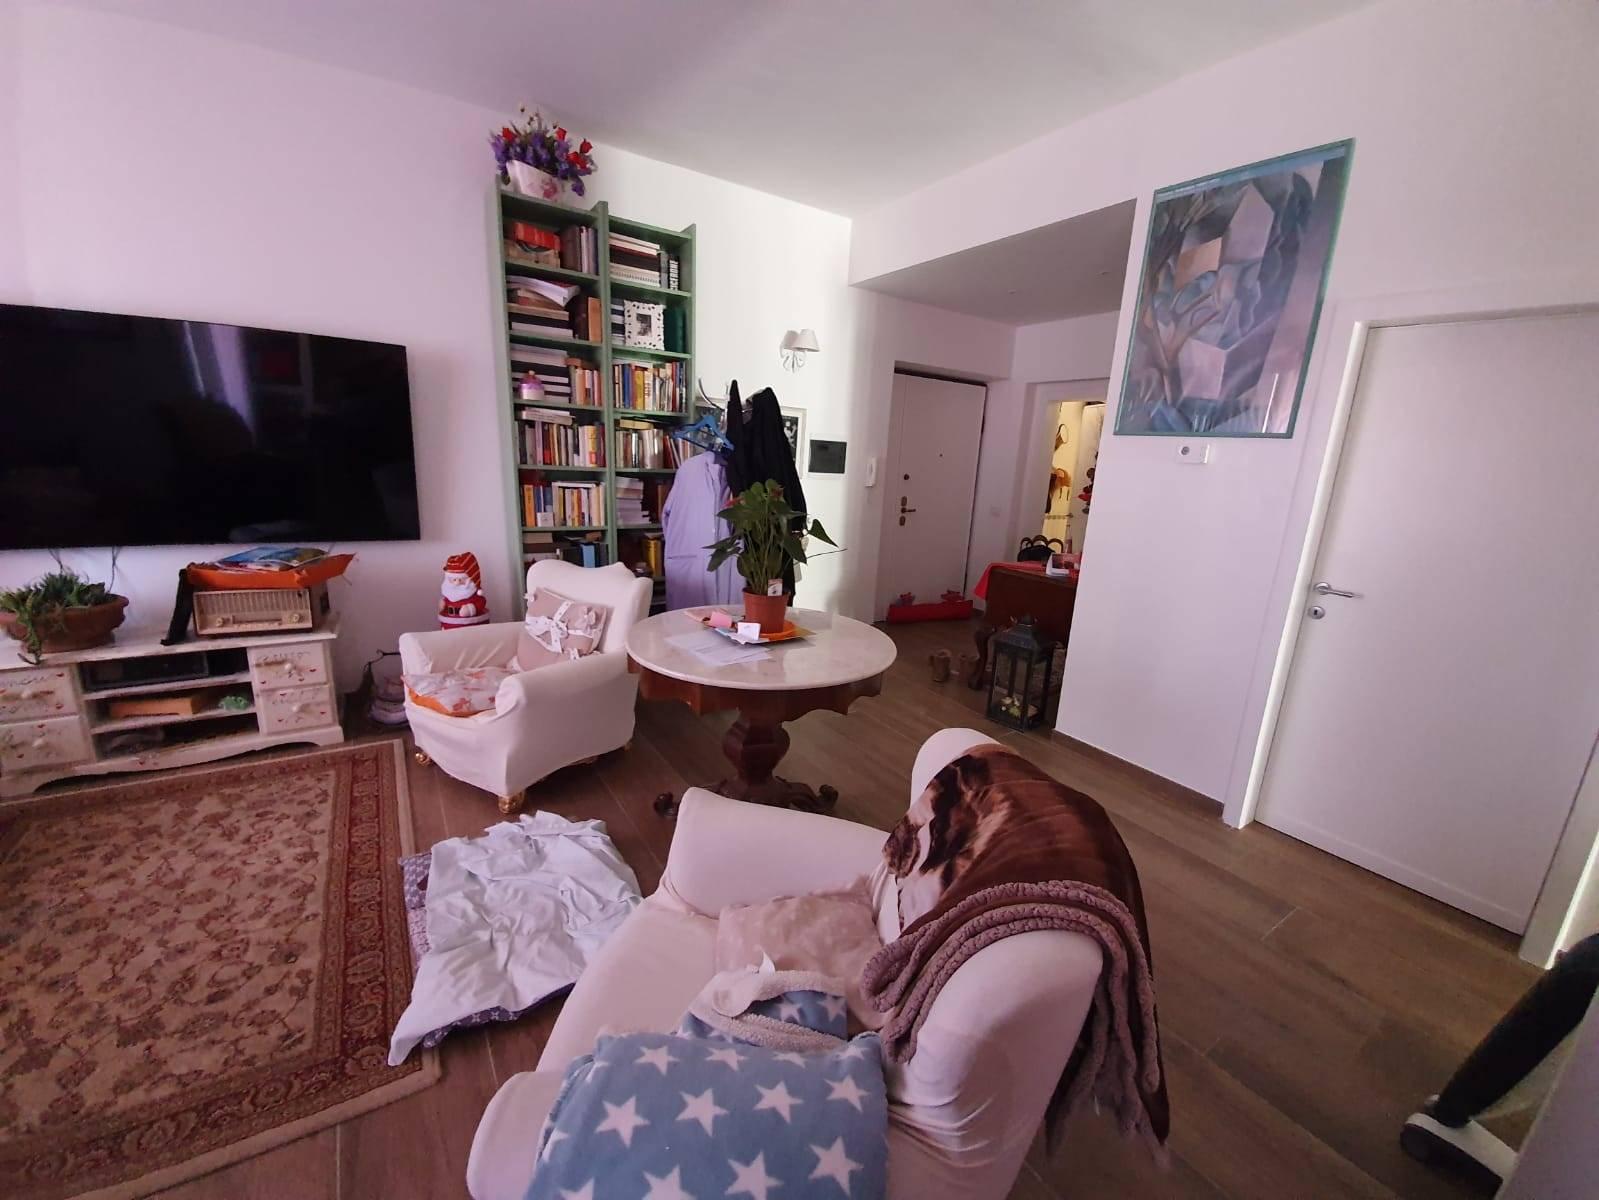 Appartamento in vendita a Spoleto, 5 locali, zona Località: CITTA', prezzo € 225.000 | CambioCasa.it